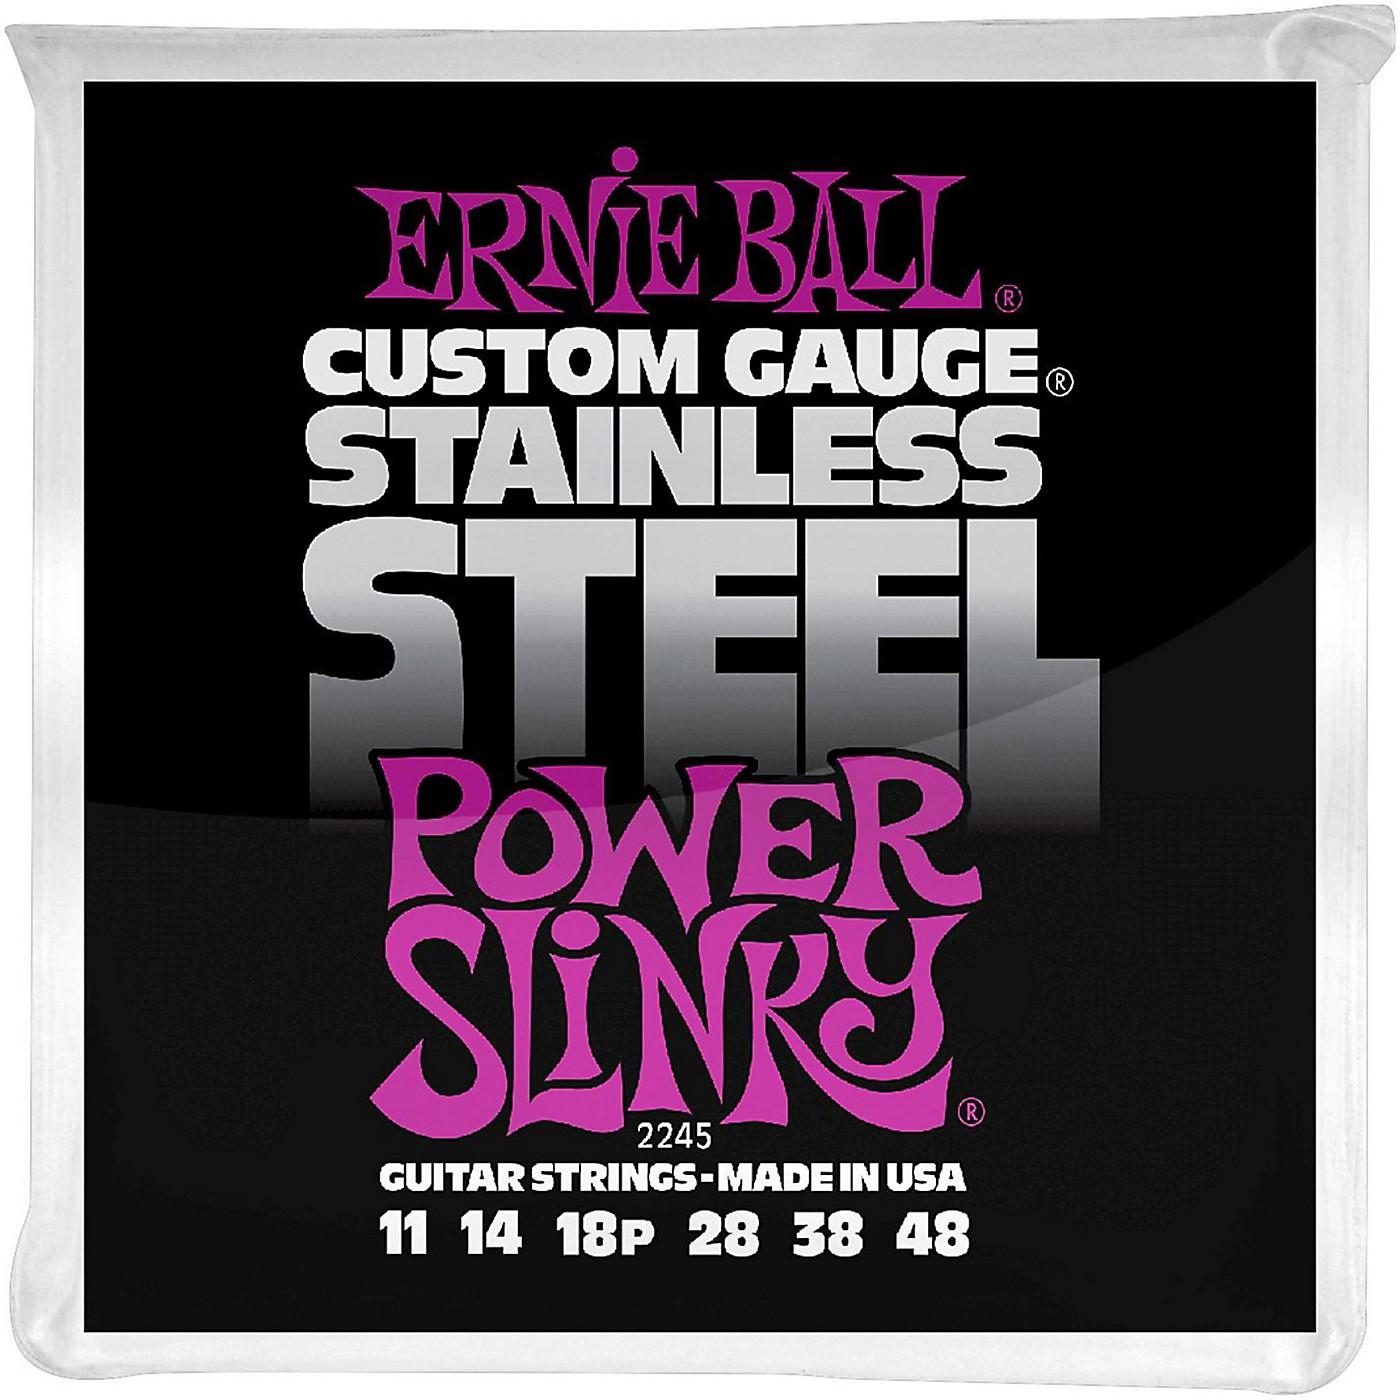 Ernie Ball 2245 Stainless Steel Power Slinky Strings thumbnail